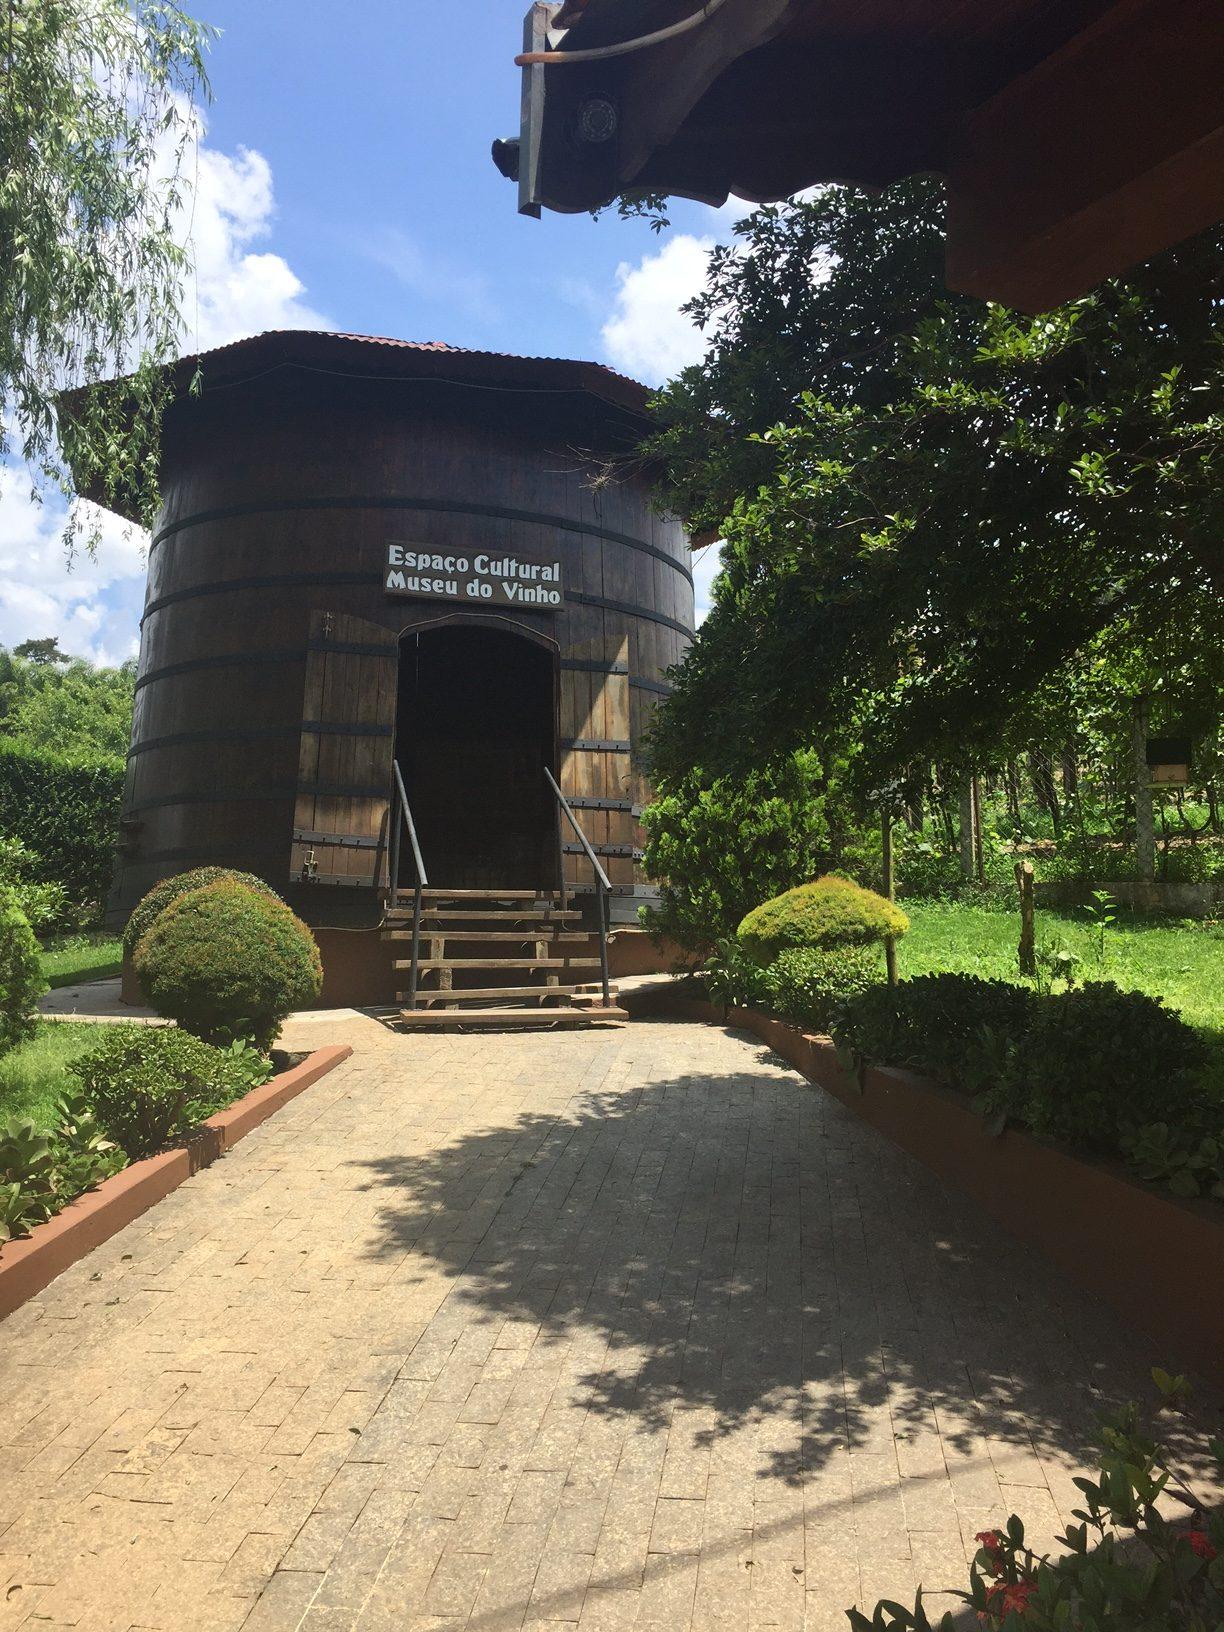 O Museu do Vinho, parada obrigatória para fotos